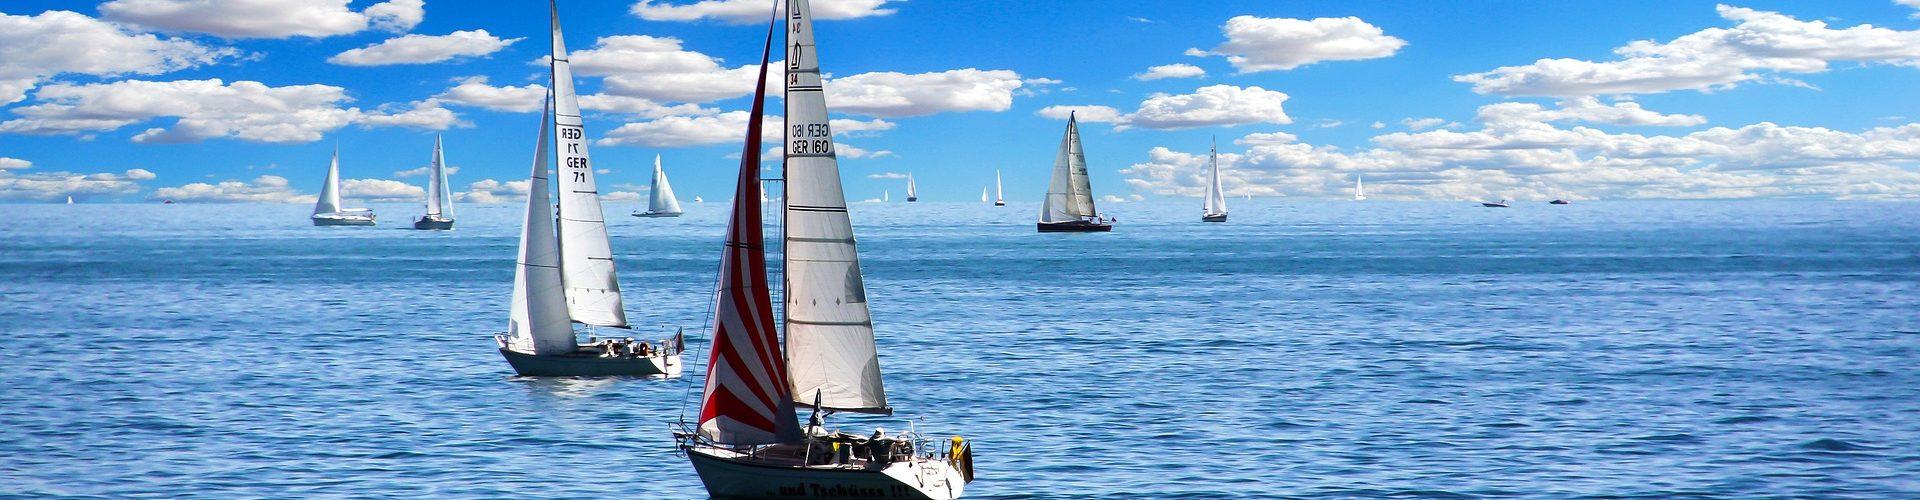 segeln lernen in Muhr am See segelschein machen in Muhr am See 1920x500 - Segeln lernen in Muhr am See